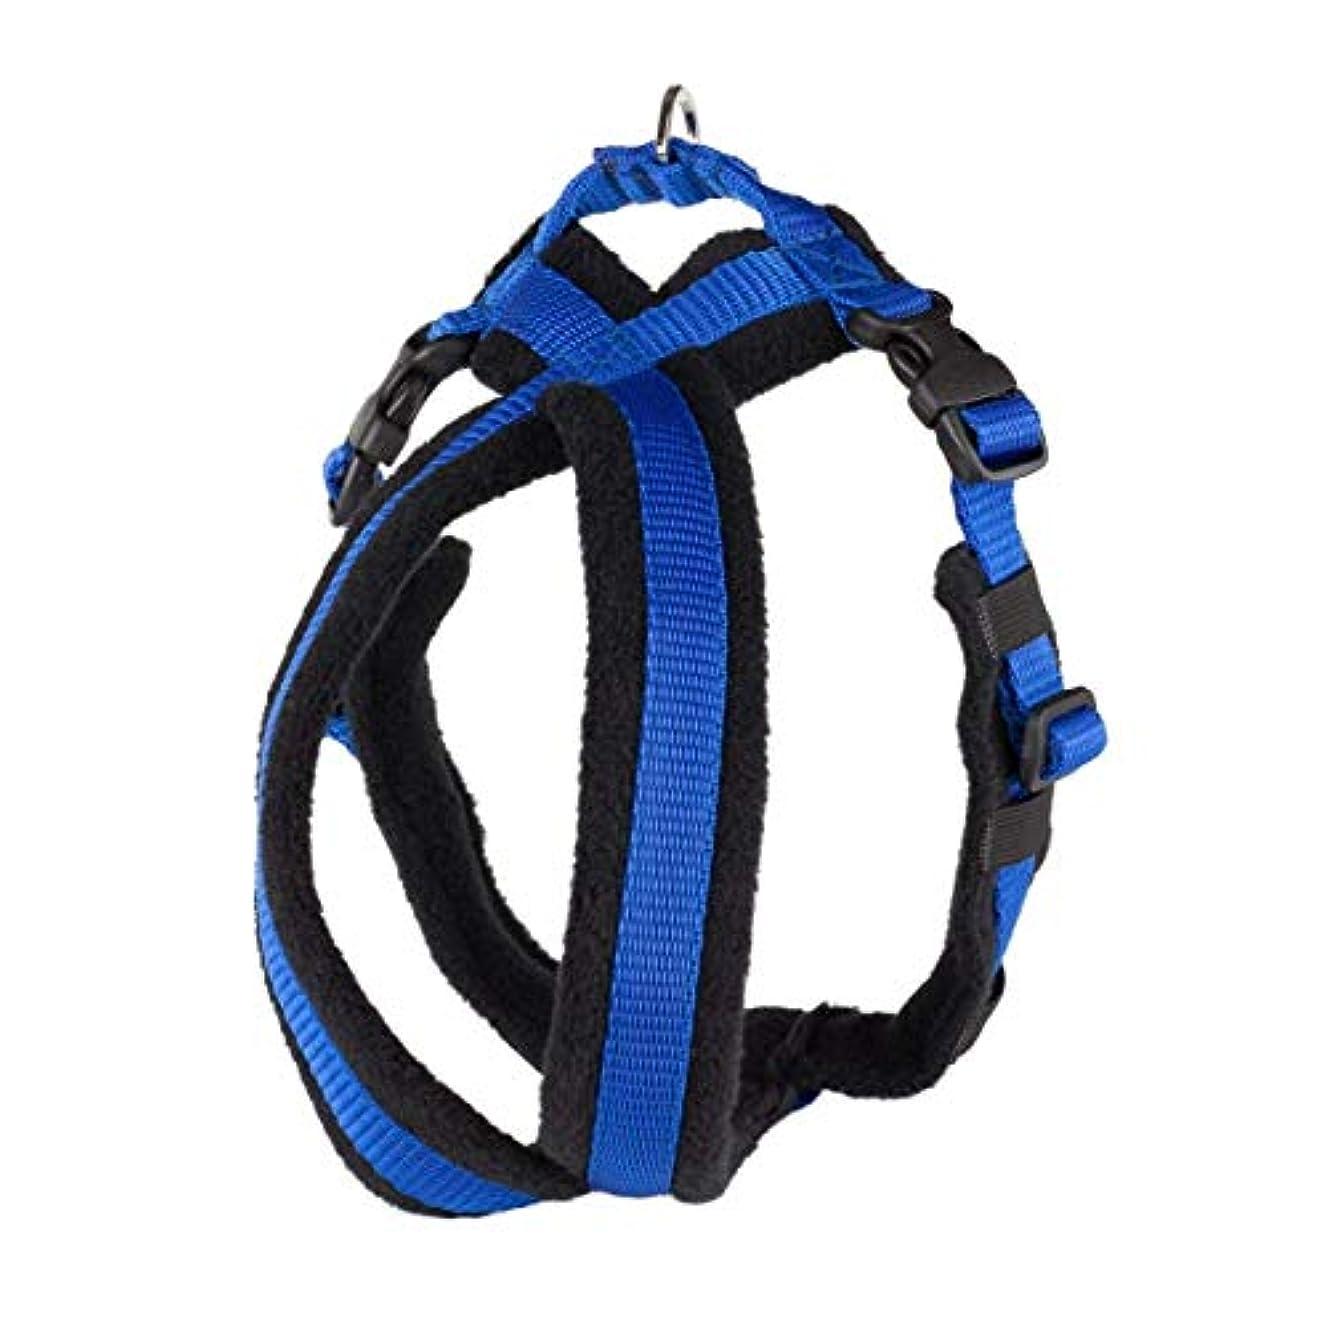 先のことを考える単なるスクラップブックFleece Lined Harness フリースラインドハーネス 1号(超~小型犬用) ブラックブルー